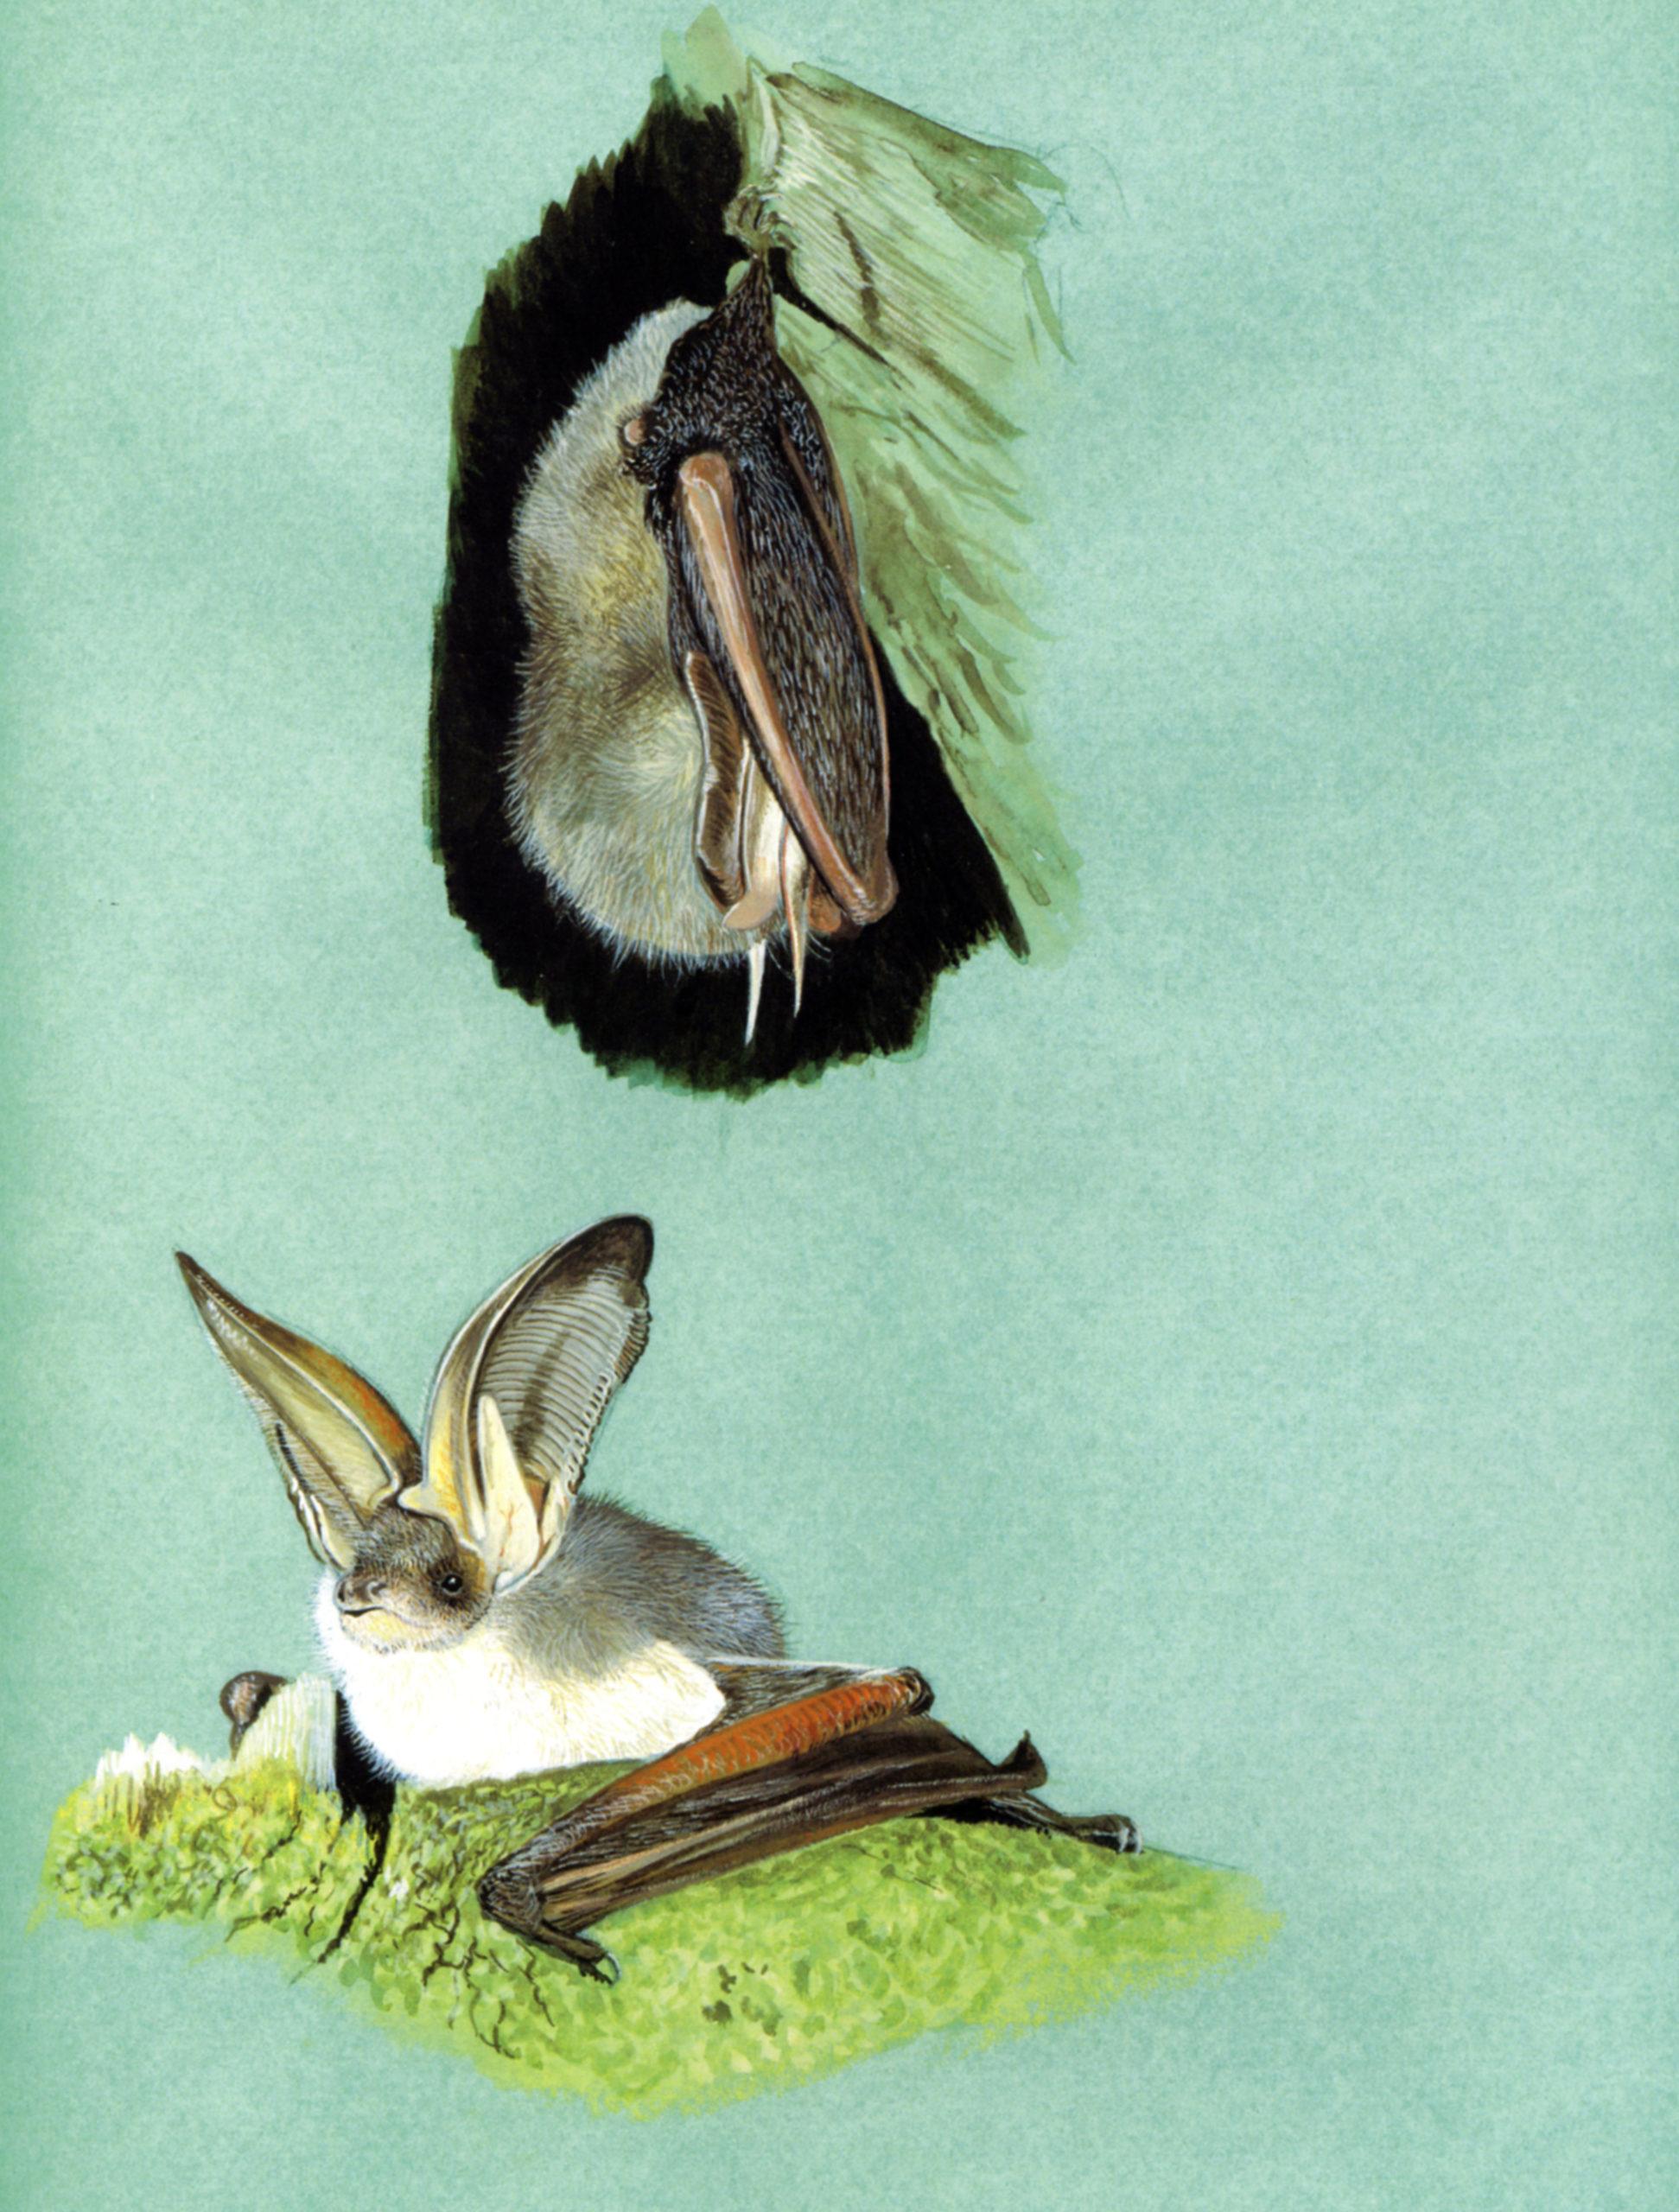 Orecchione-alpino-Plecotus-macrobullaris-1